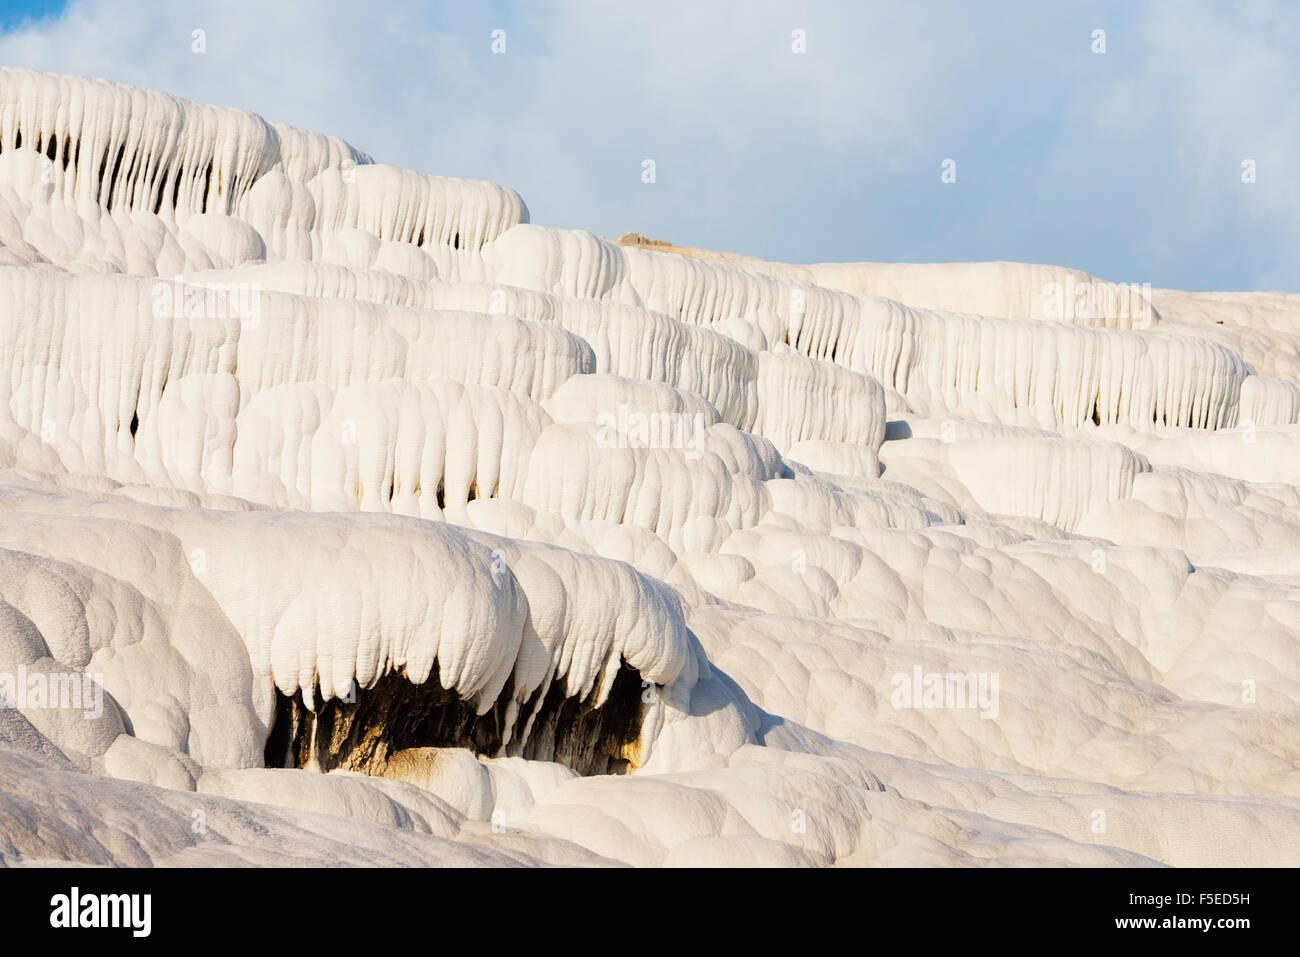 Weißer Travertin Becken, Pamukkale, UNESCO-Weltkulturerbe, westlichen Anatolien, Türkei, Kleinasien, Eurasien Stockbild